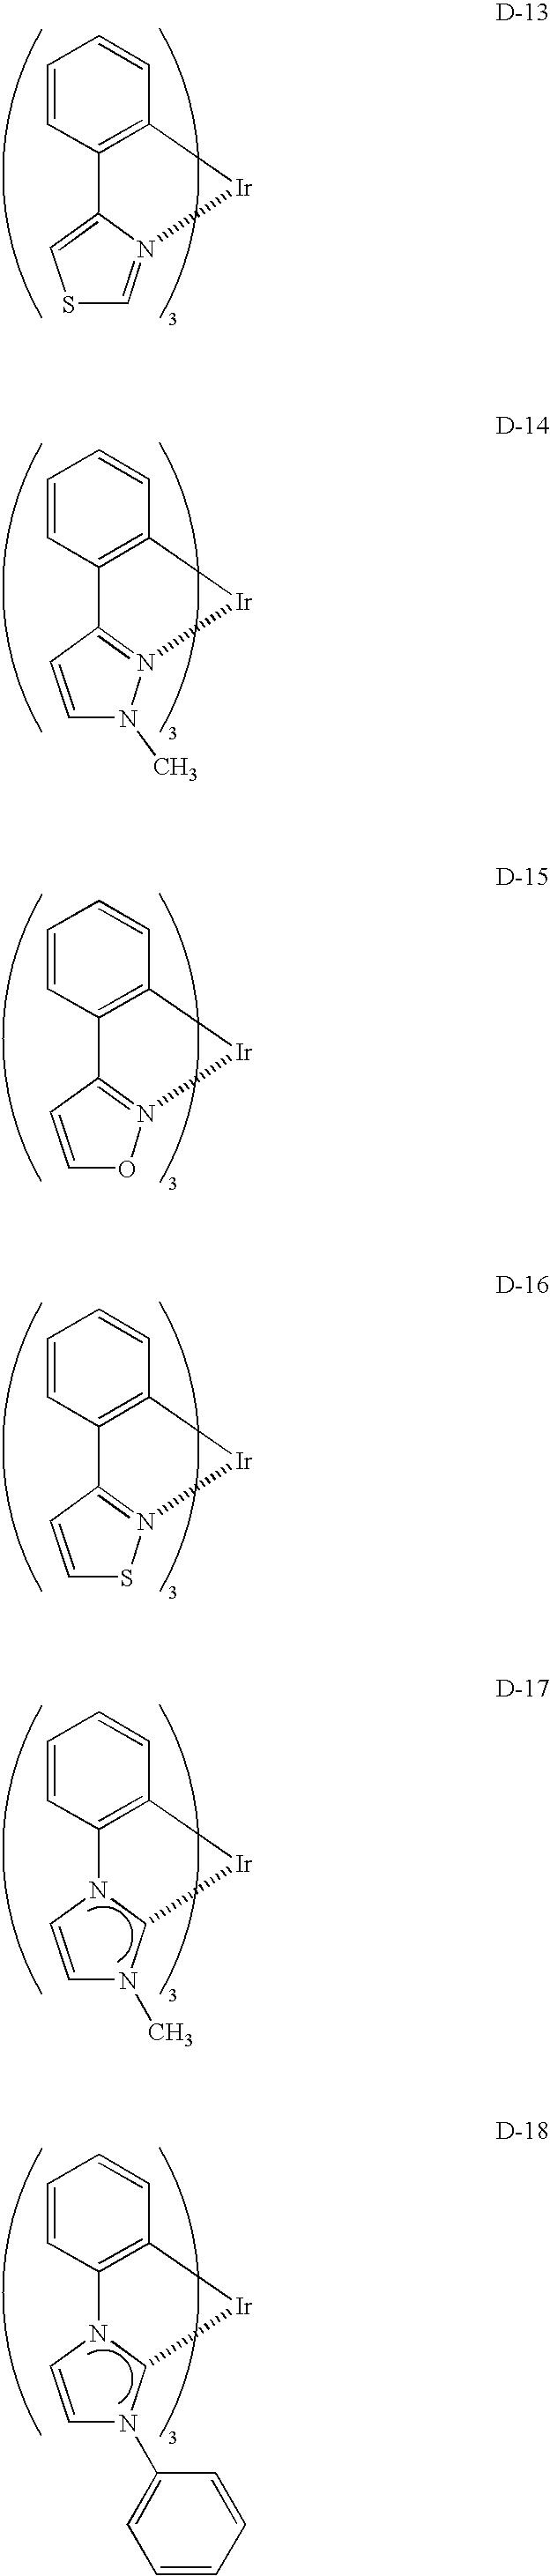 Figure US08053765-20111108-C00023